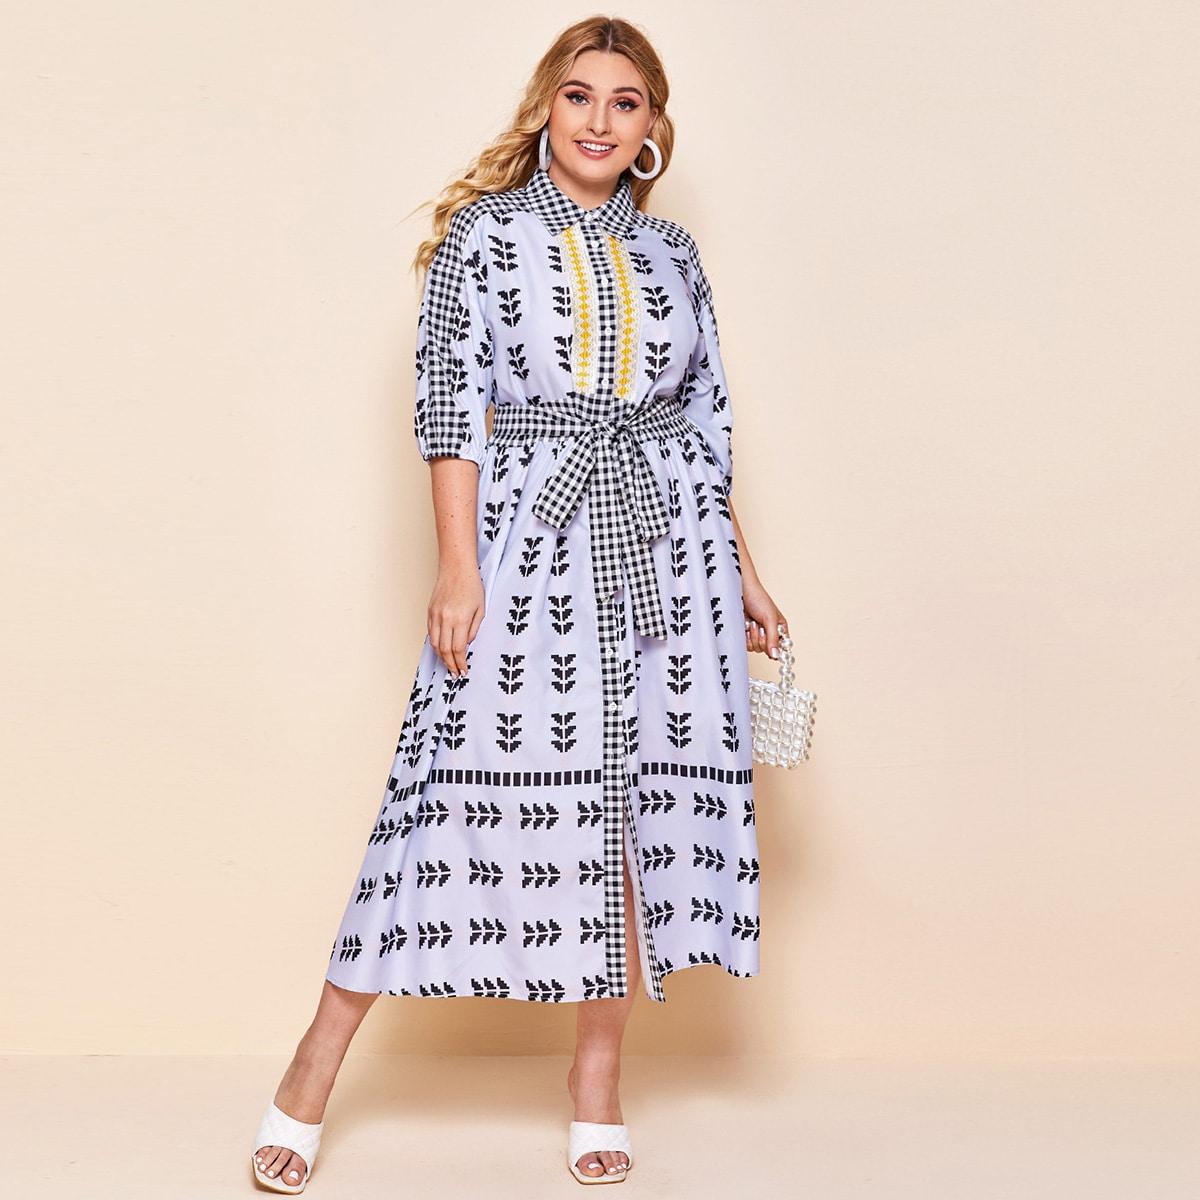 Платье-рубашка размера плюс в клетку с племенным принтом и поясом